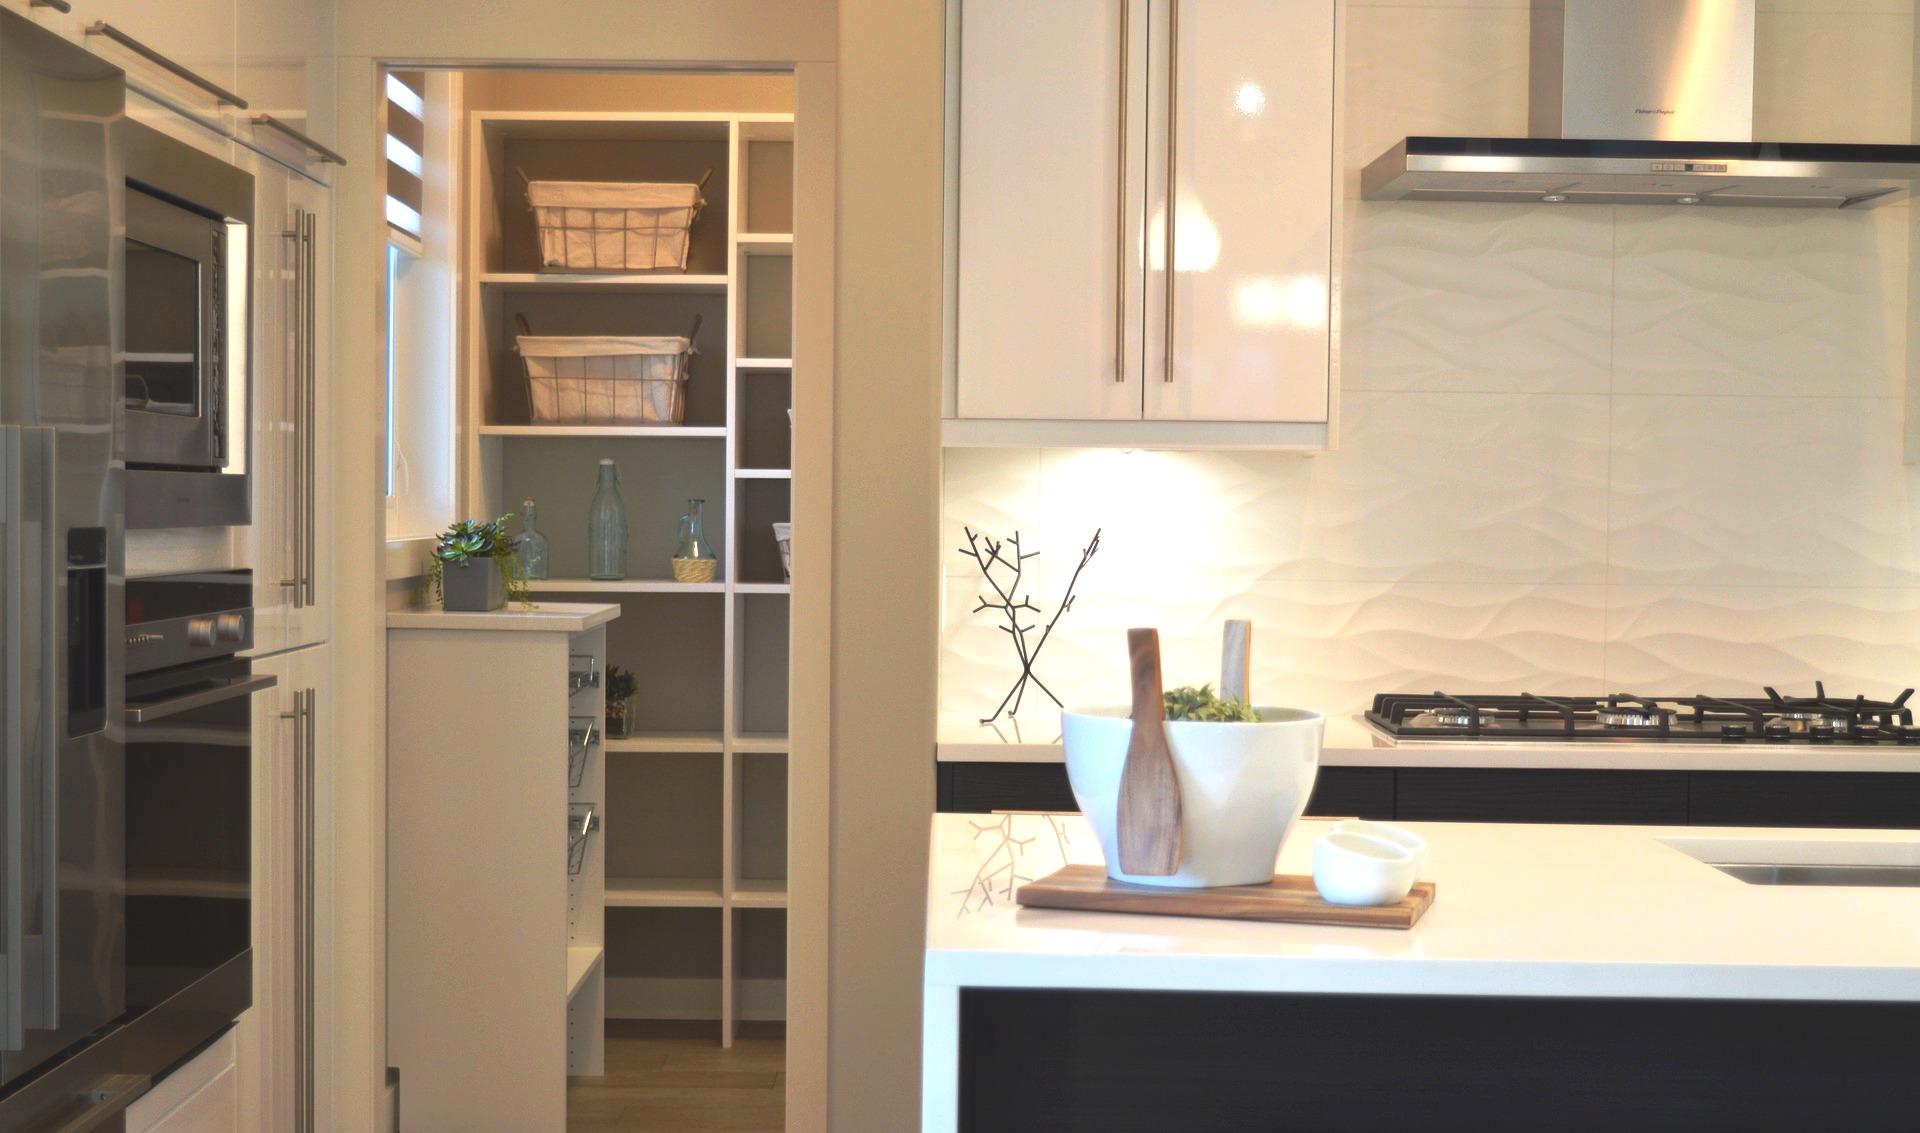 kitchen-1078876_1920.jpg